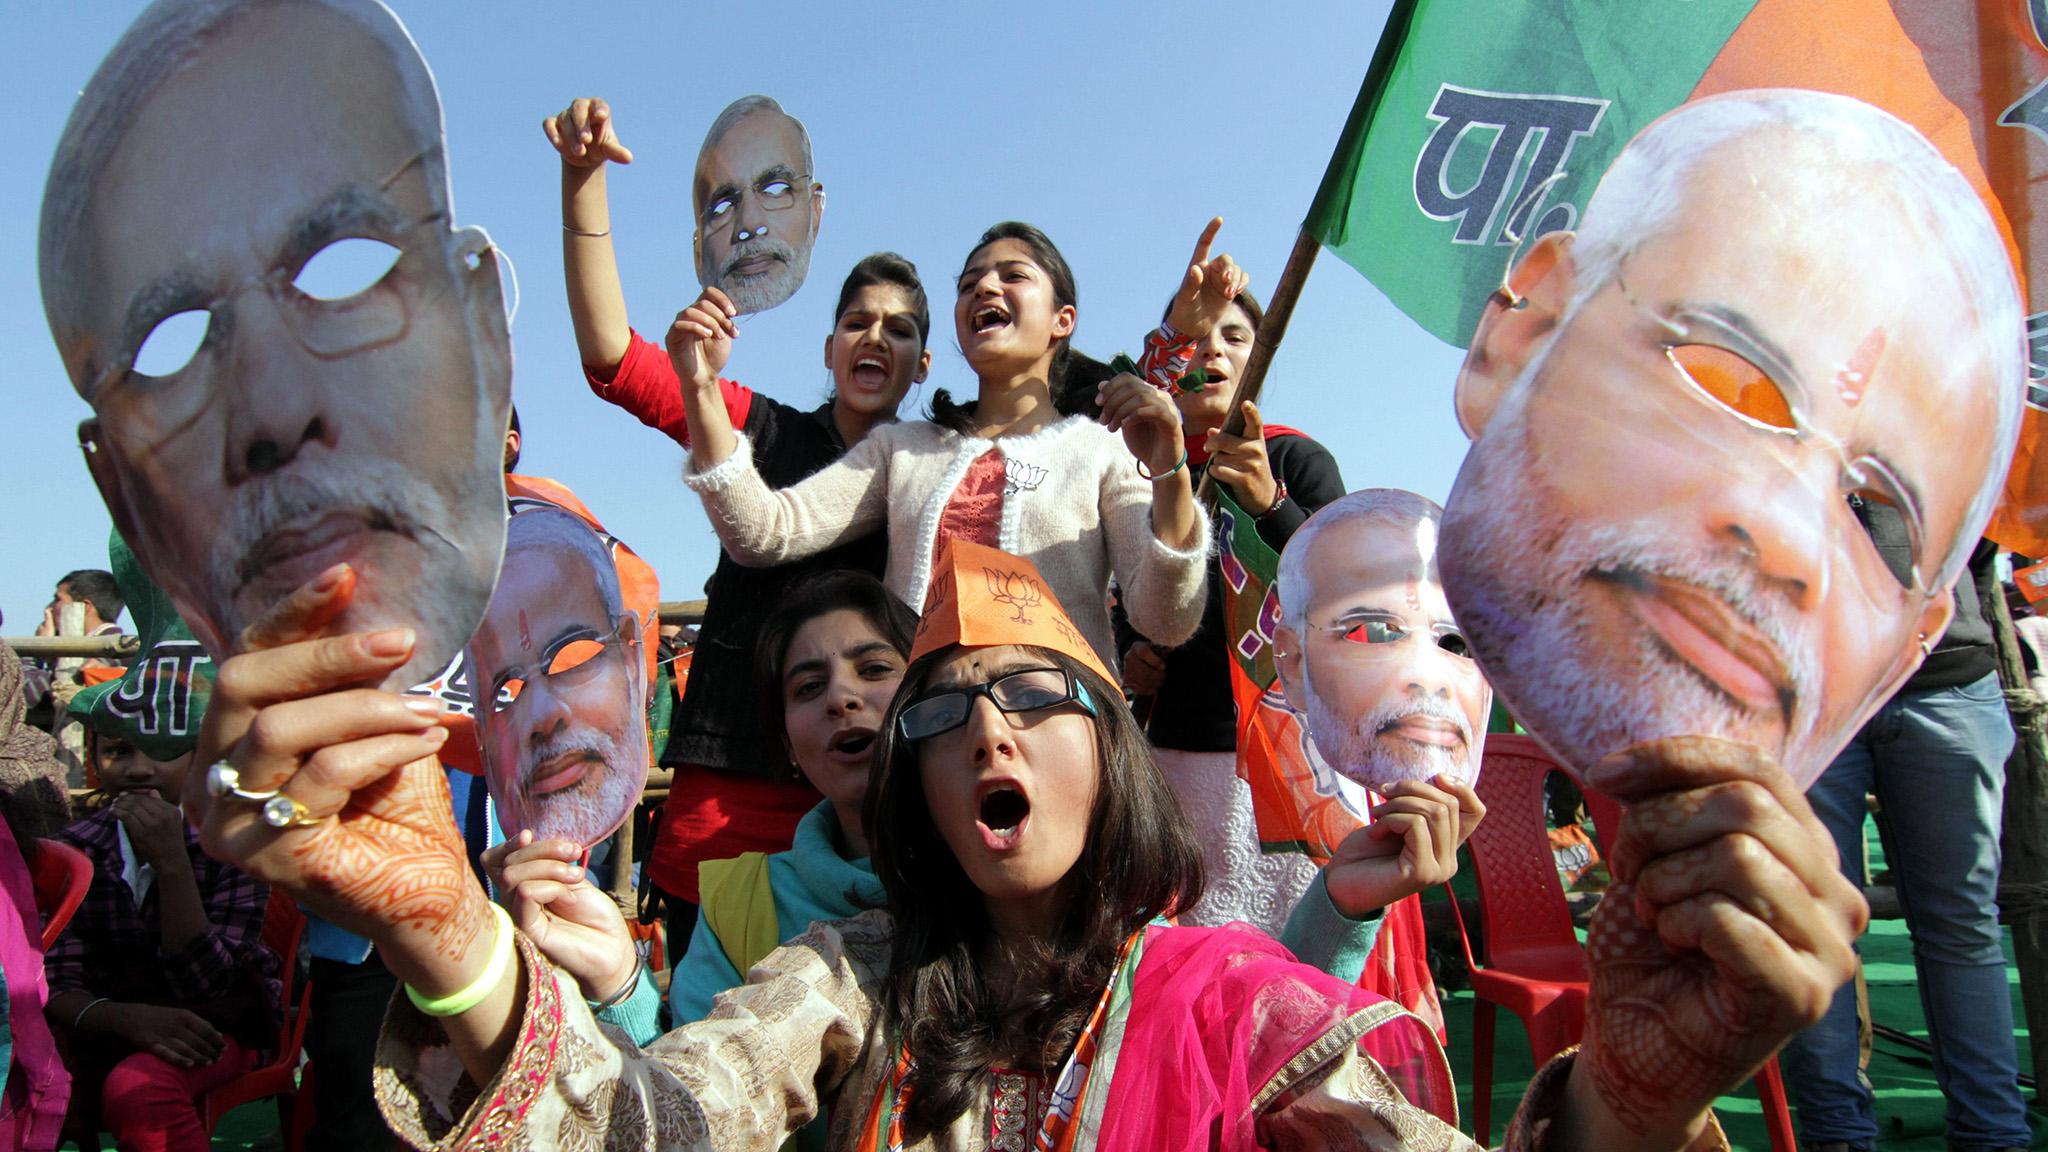 Indian Prime Minister Narendra Modi campaign rally